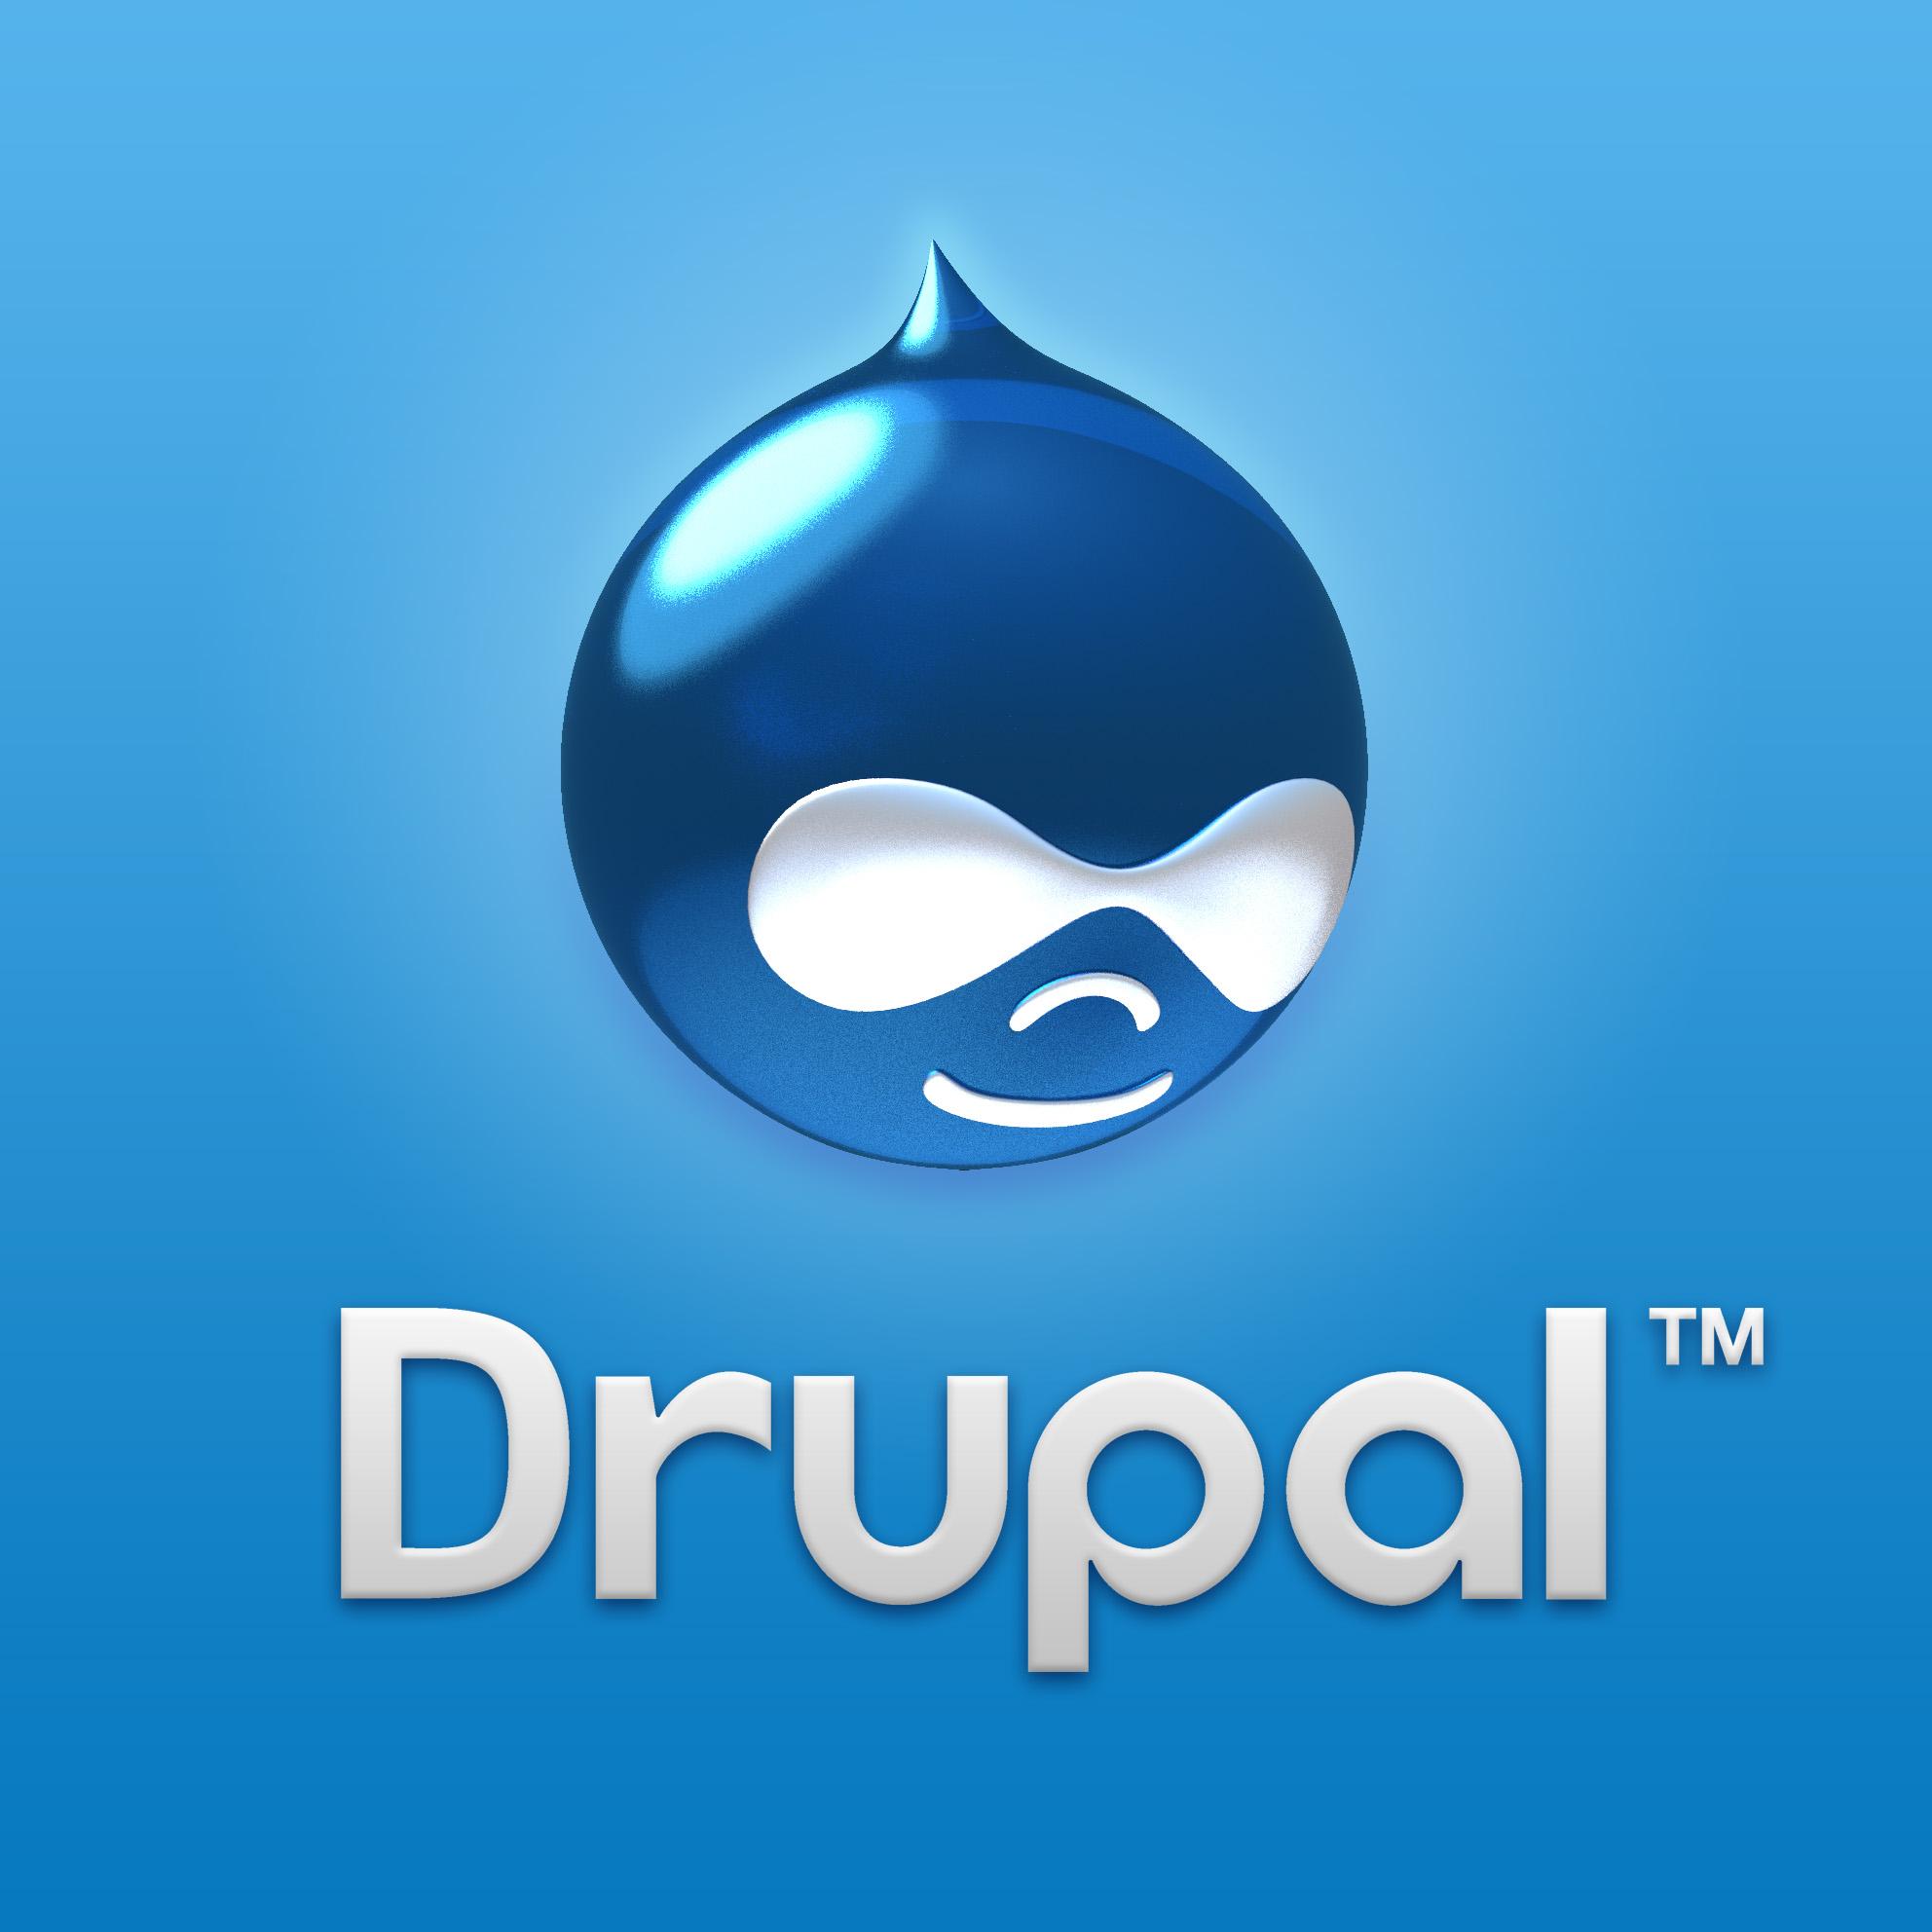 Drupal là gì? Có gì mới trong phiên bản Drupal 8 - Ảnh 1.